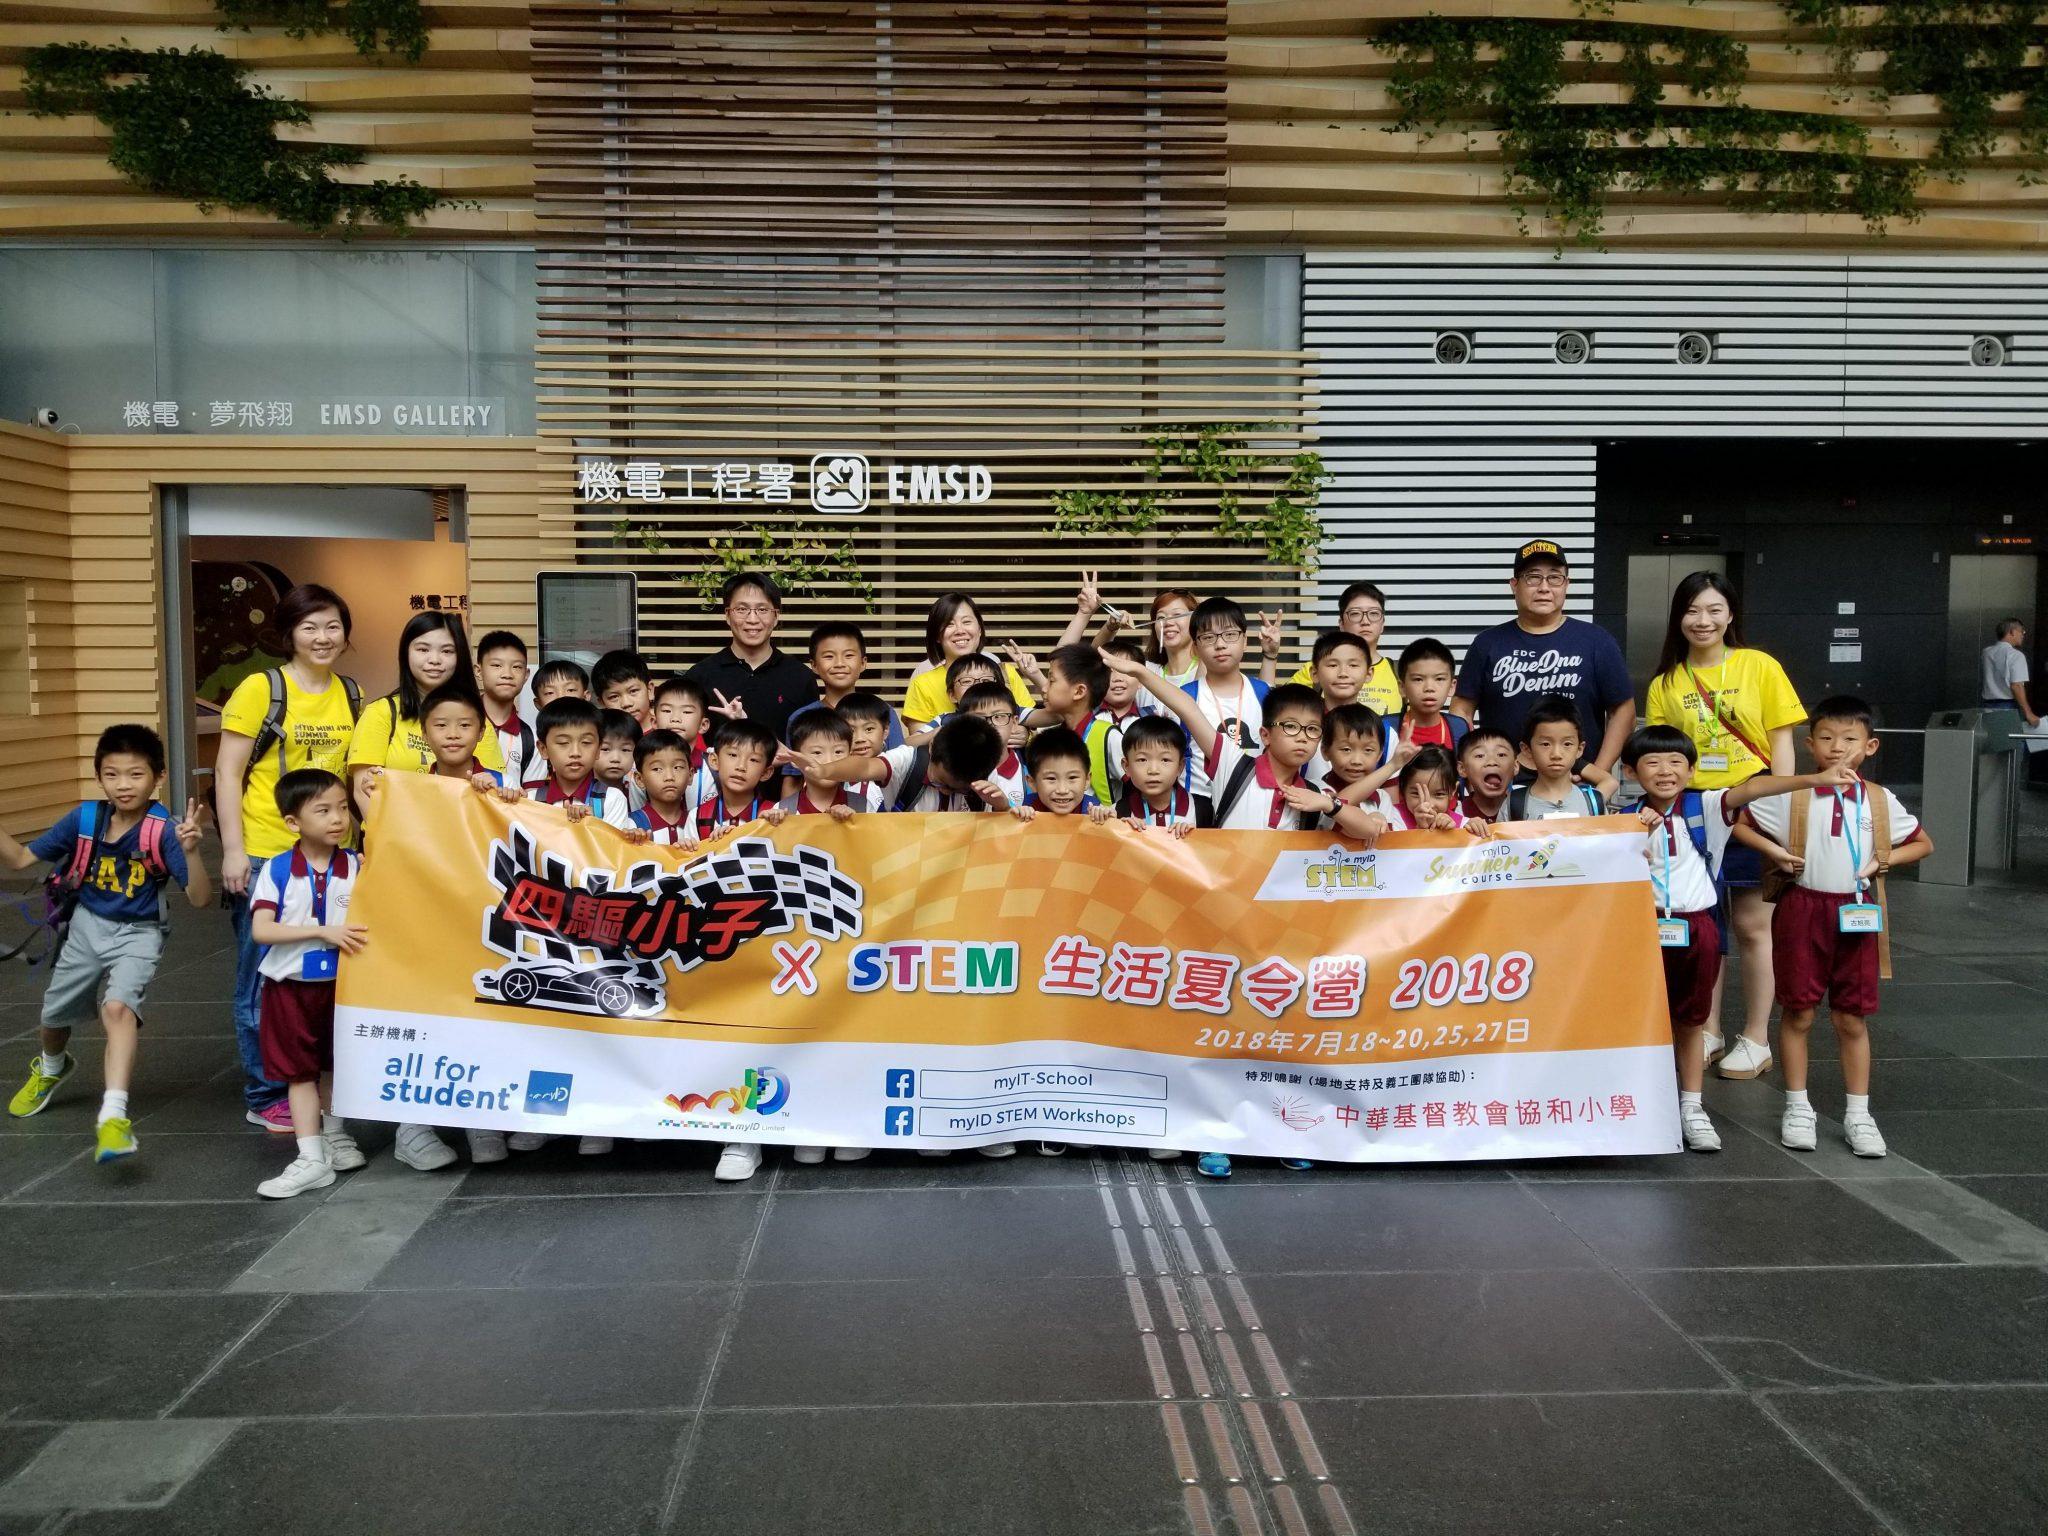 「四驅小子 x STEM 」生活夏令營 2018